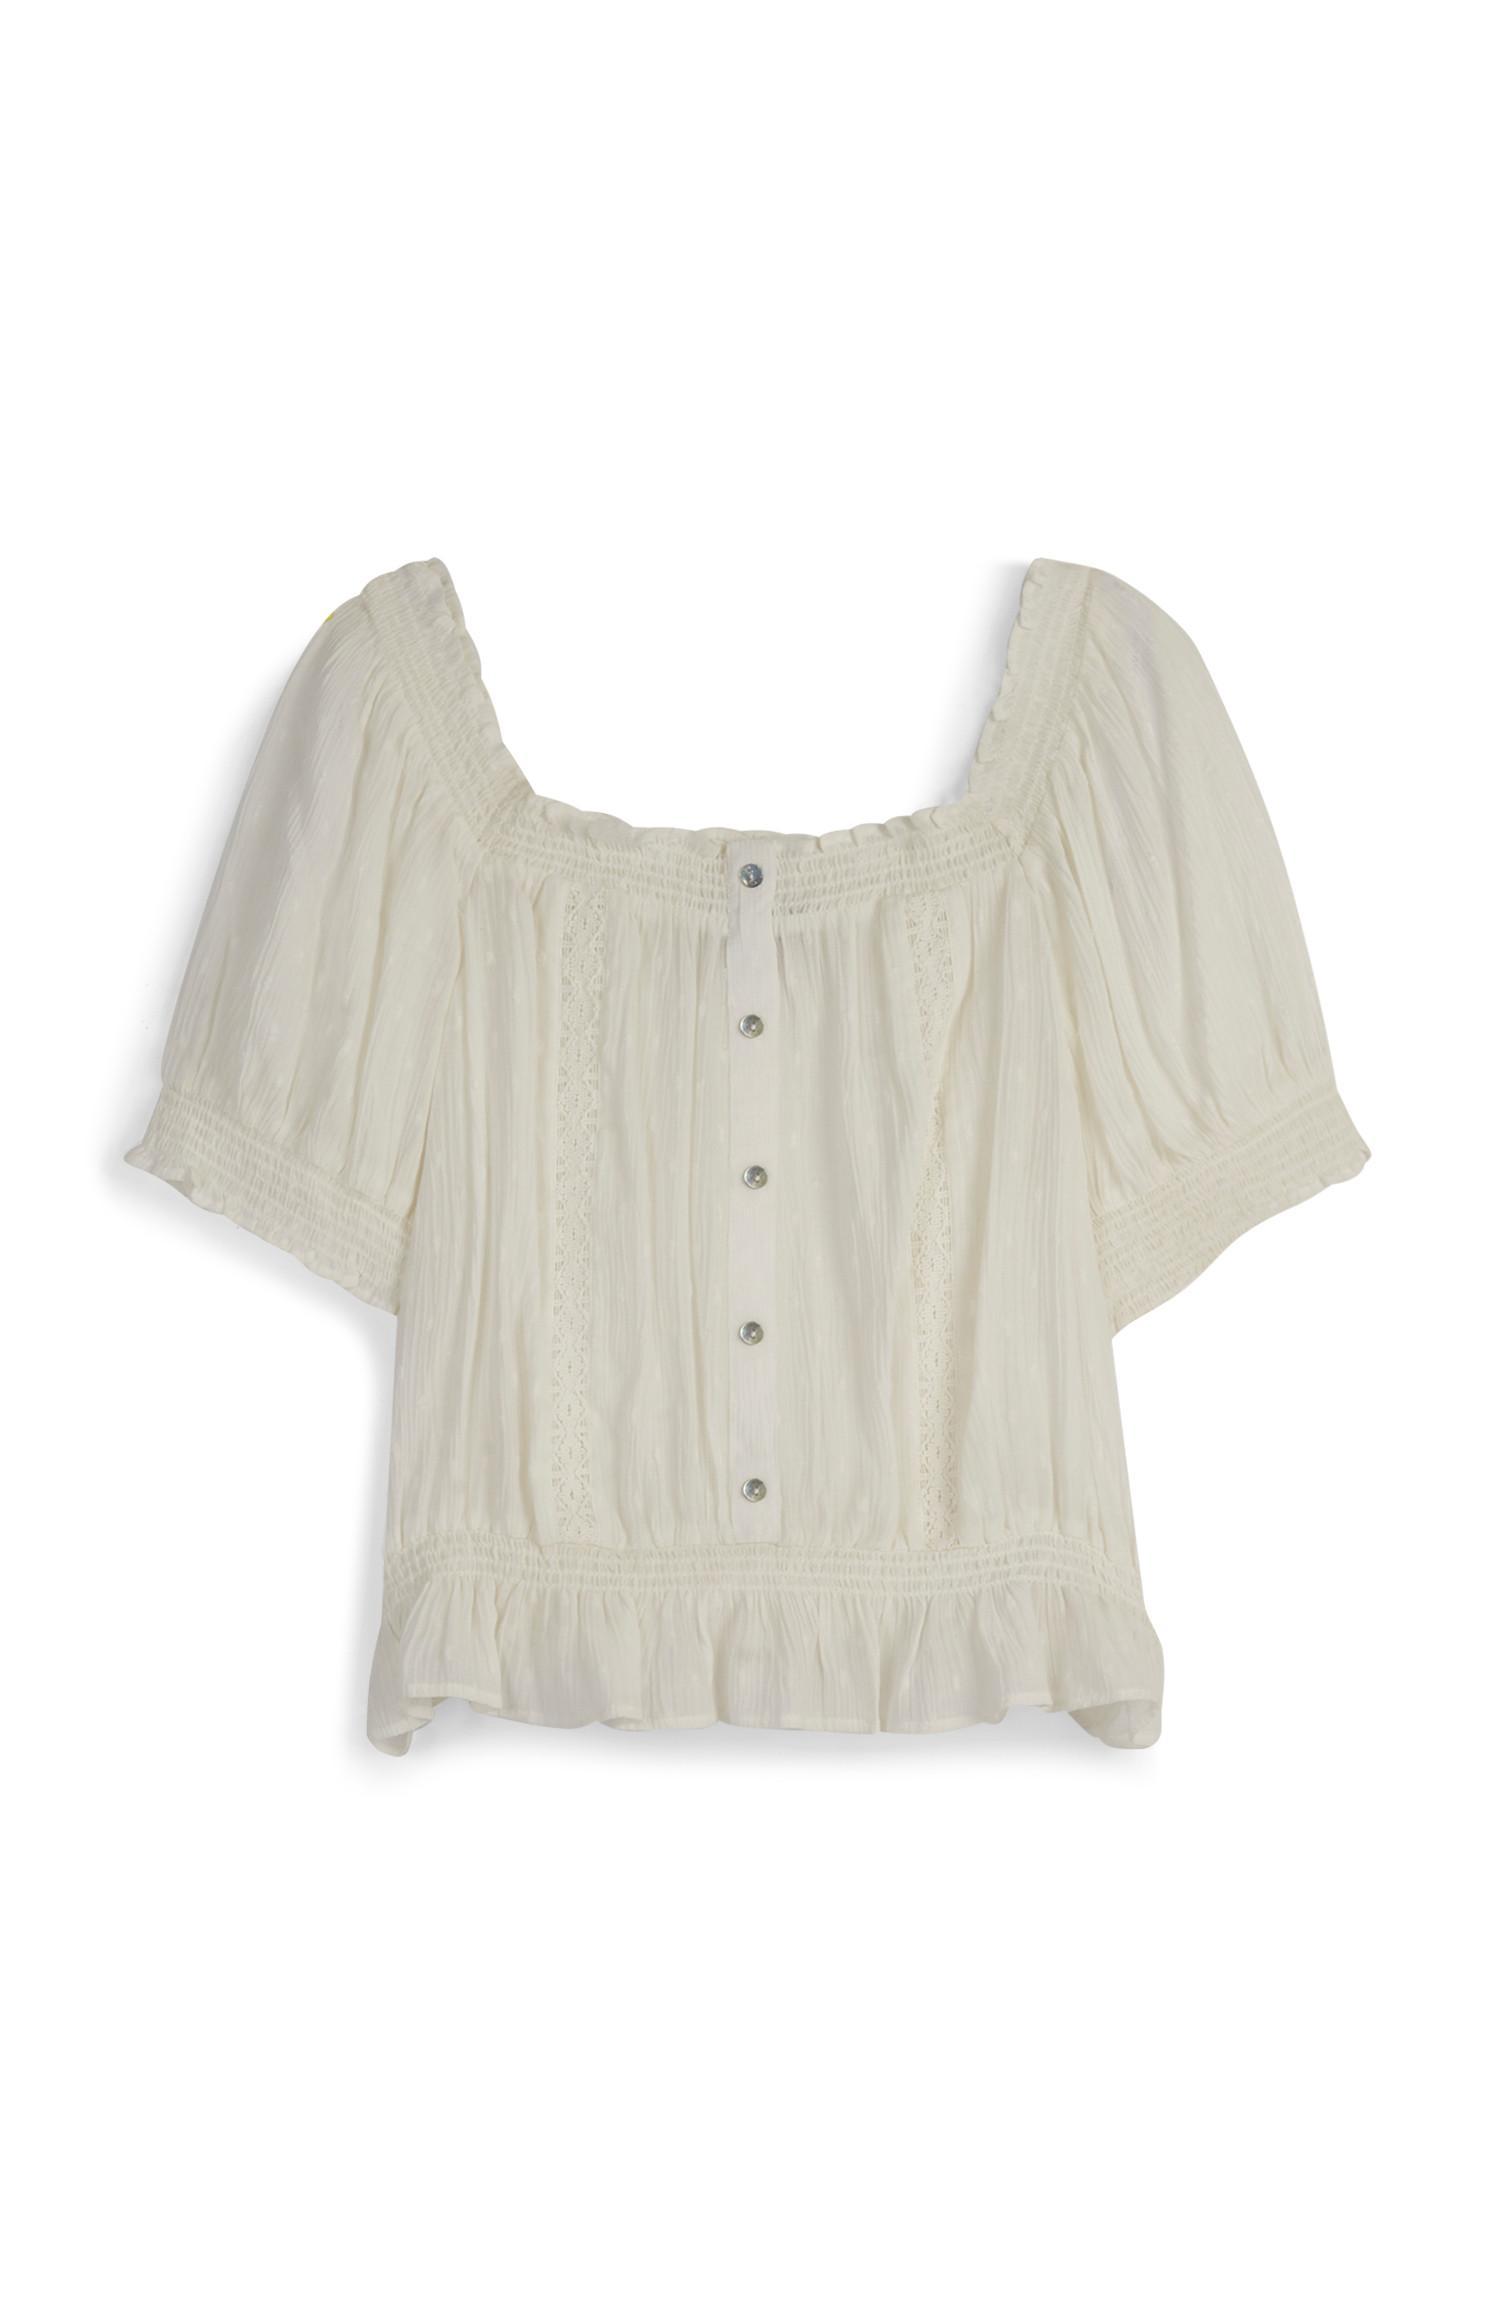 Ivory Crochet Blouse